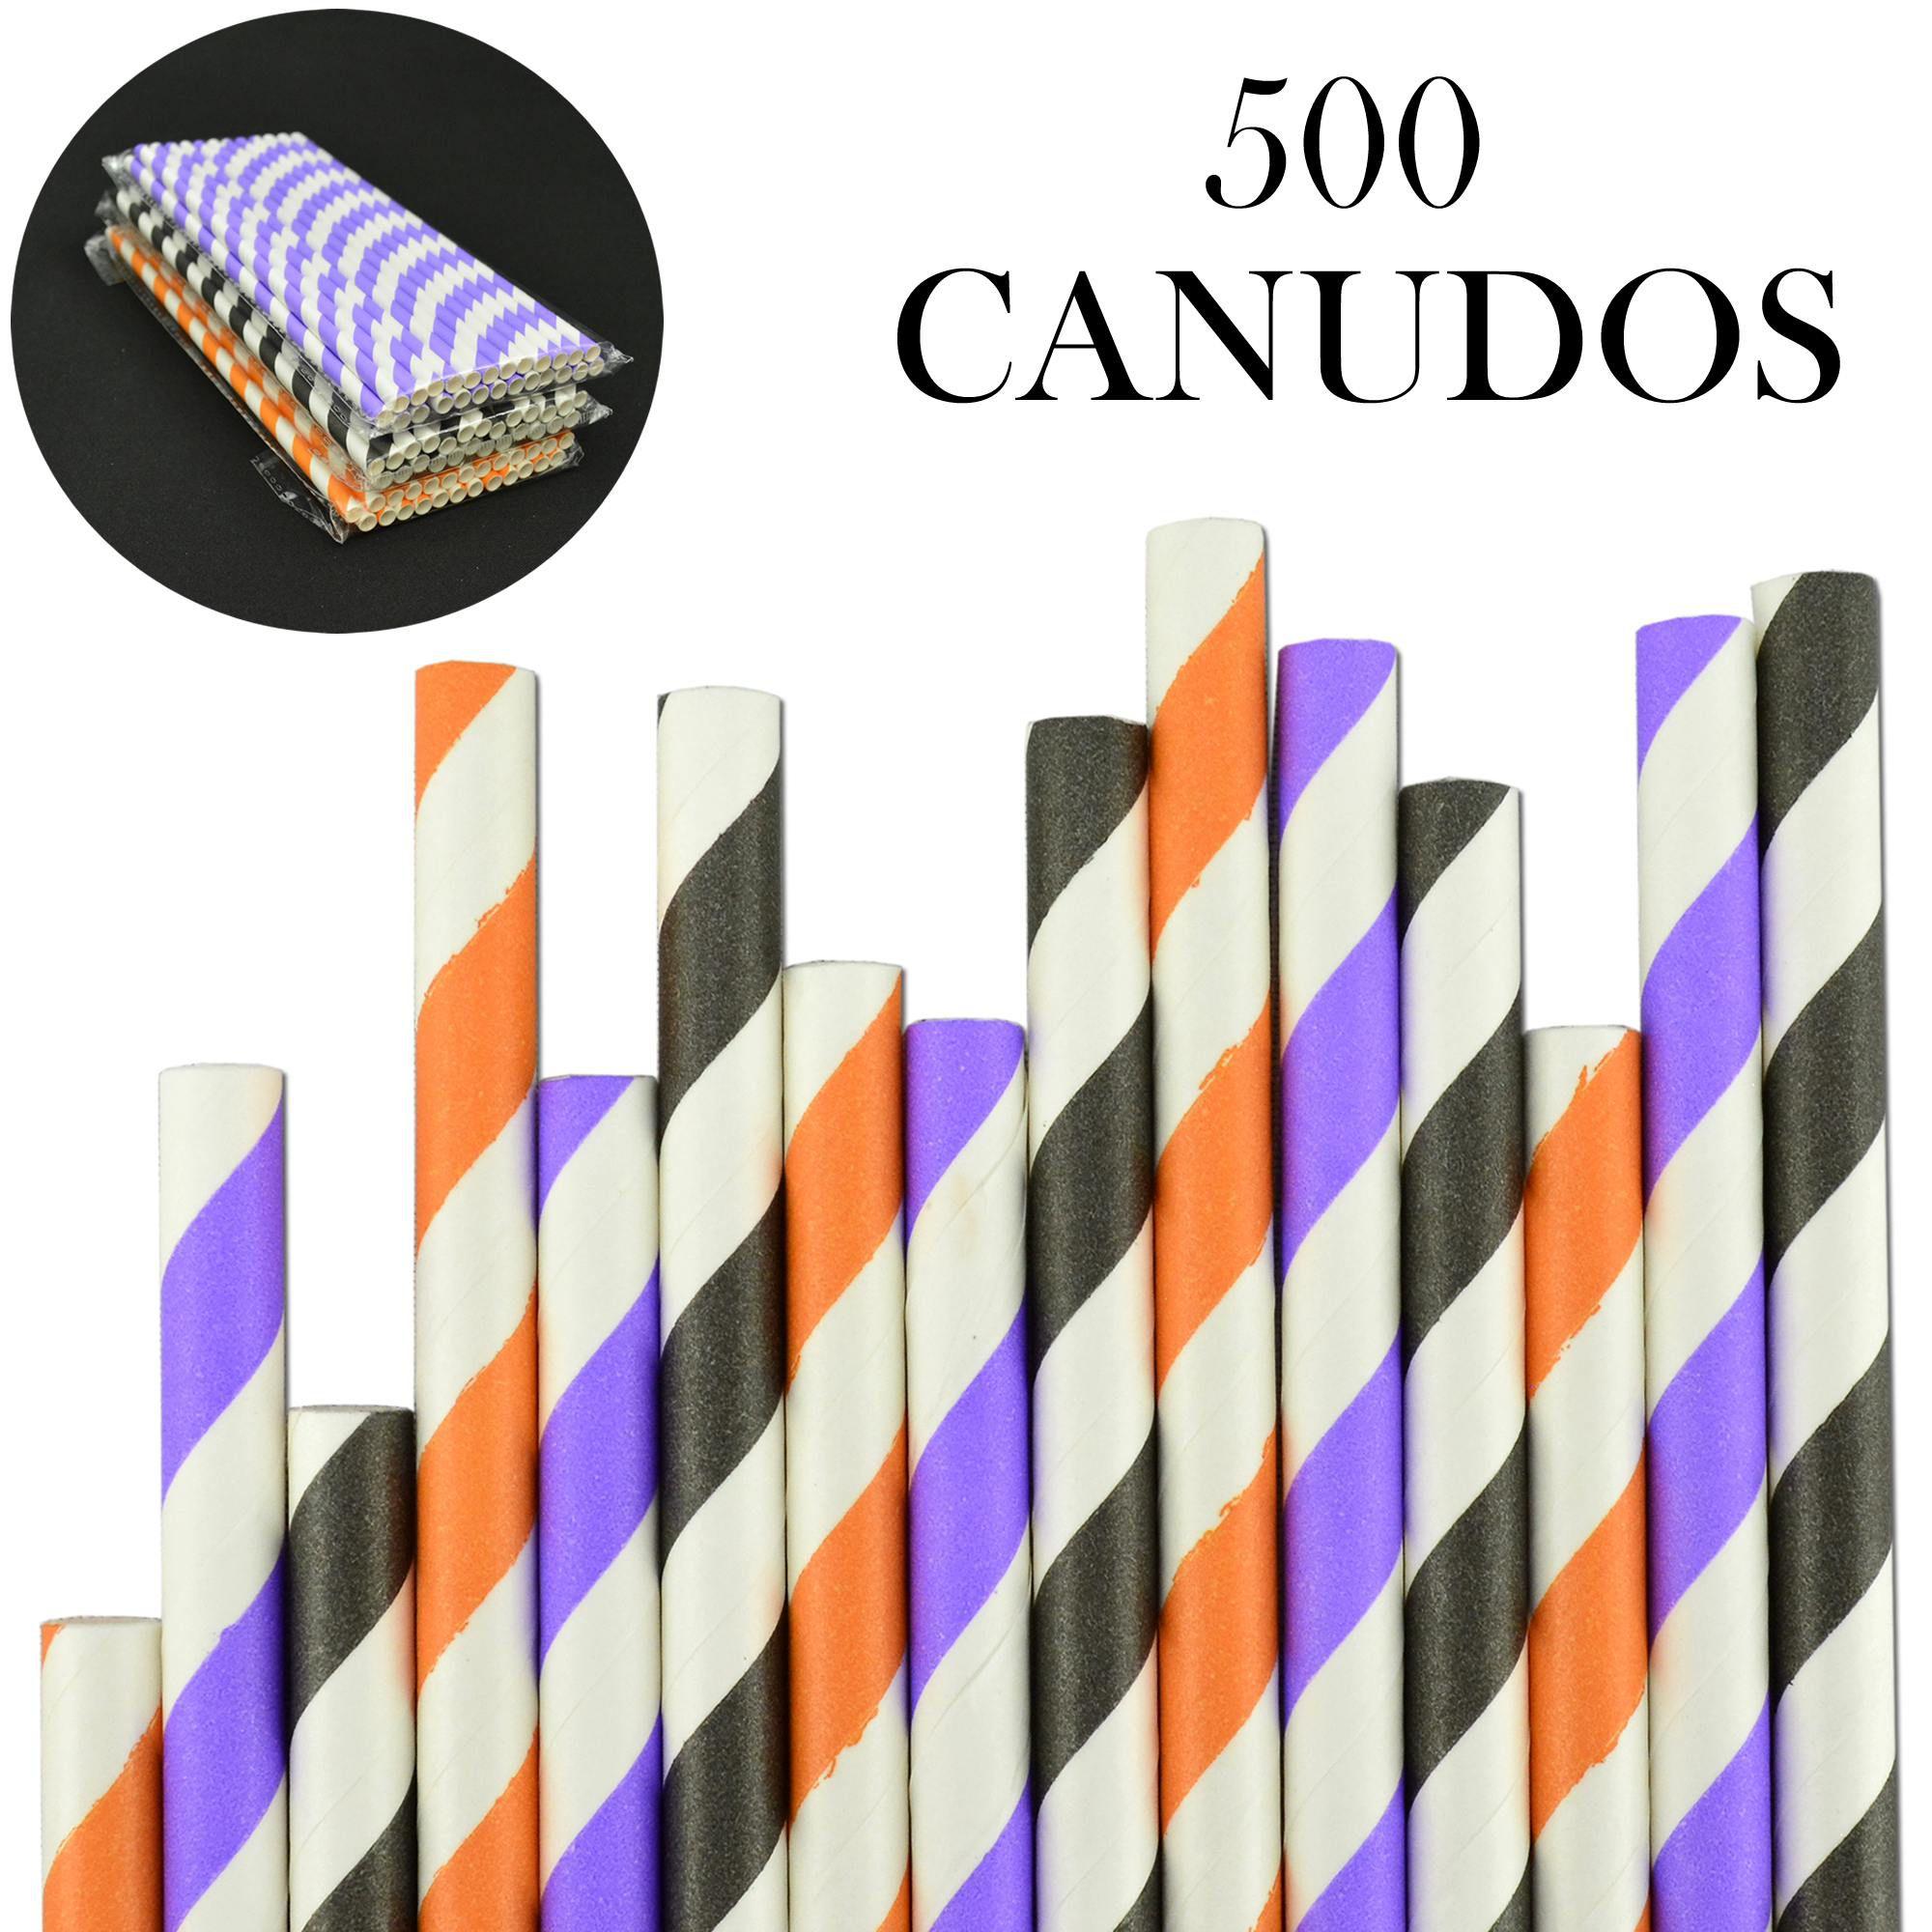 Canudos de Papel Biodegradável Listrados 500 Unidades CBRN10882